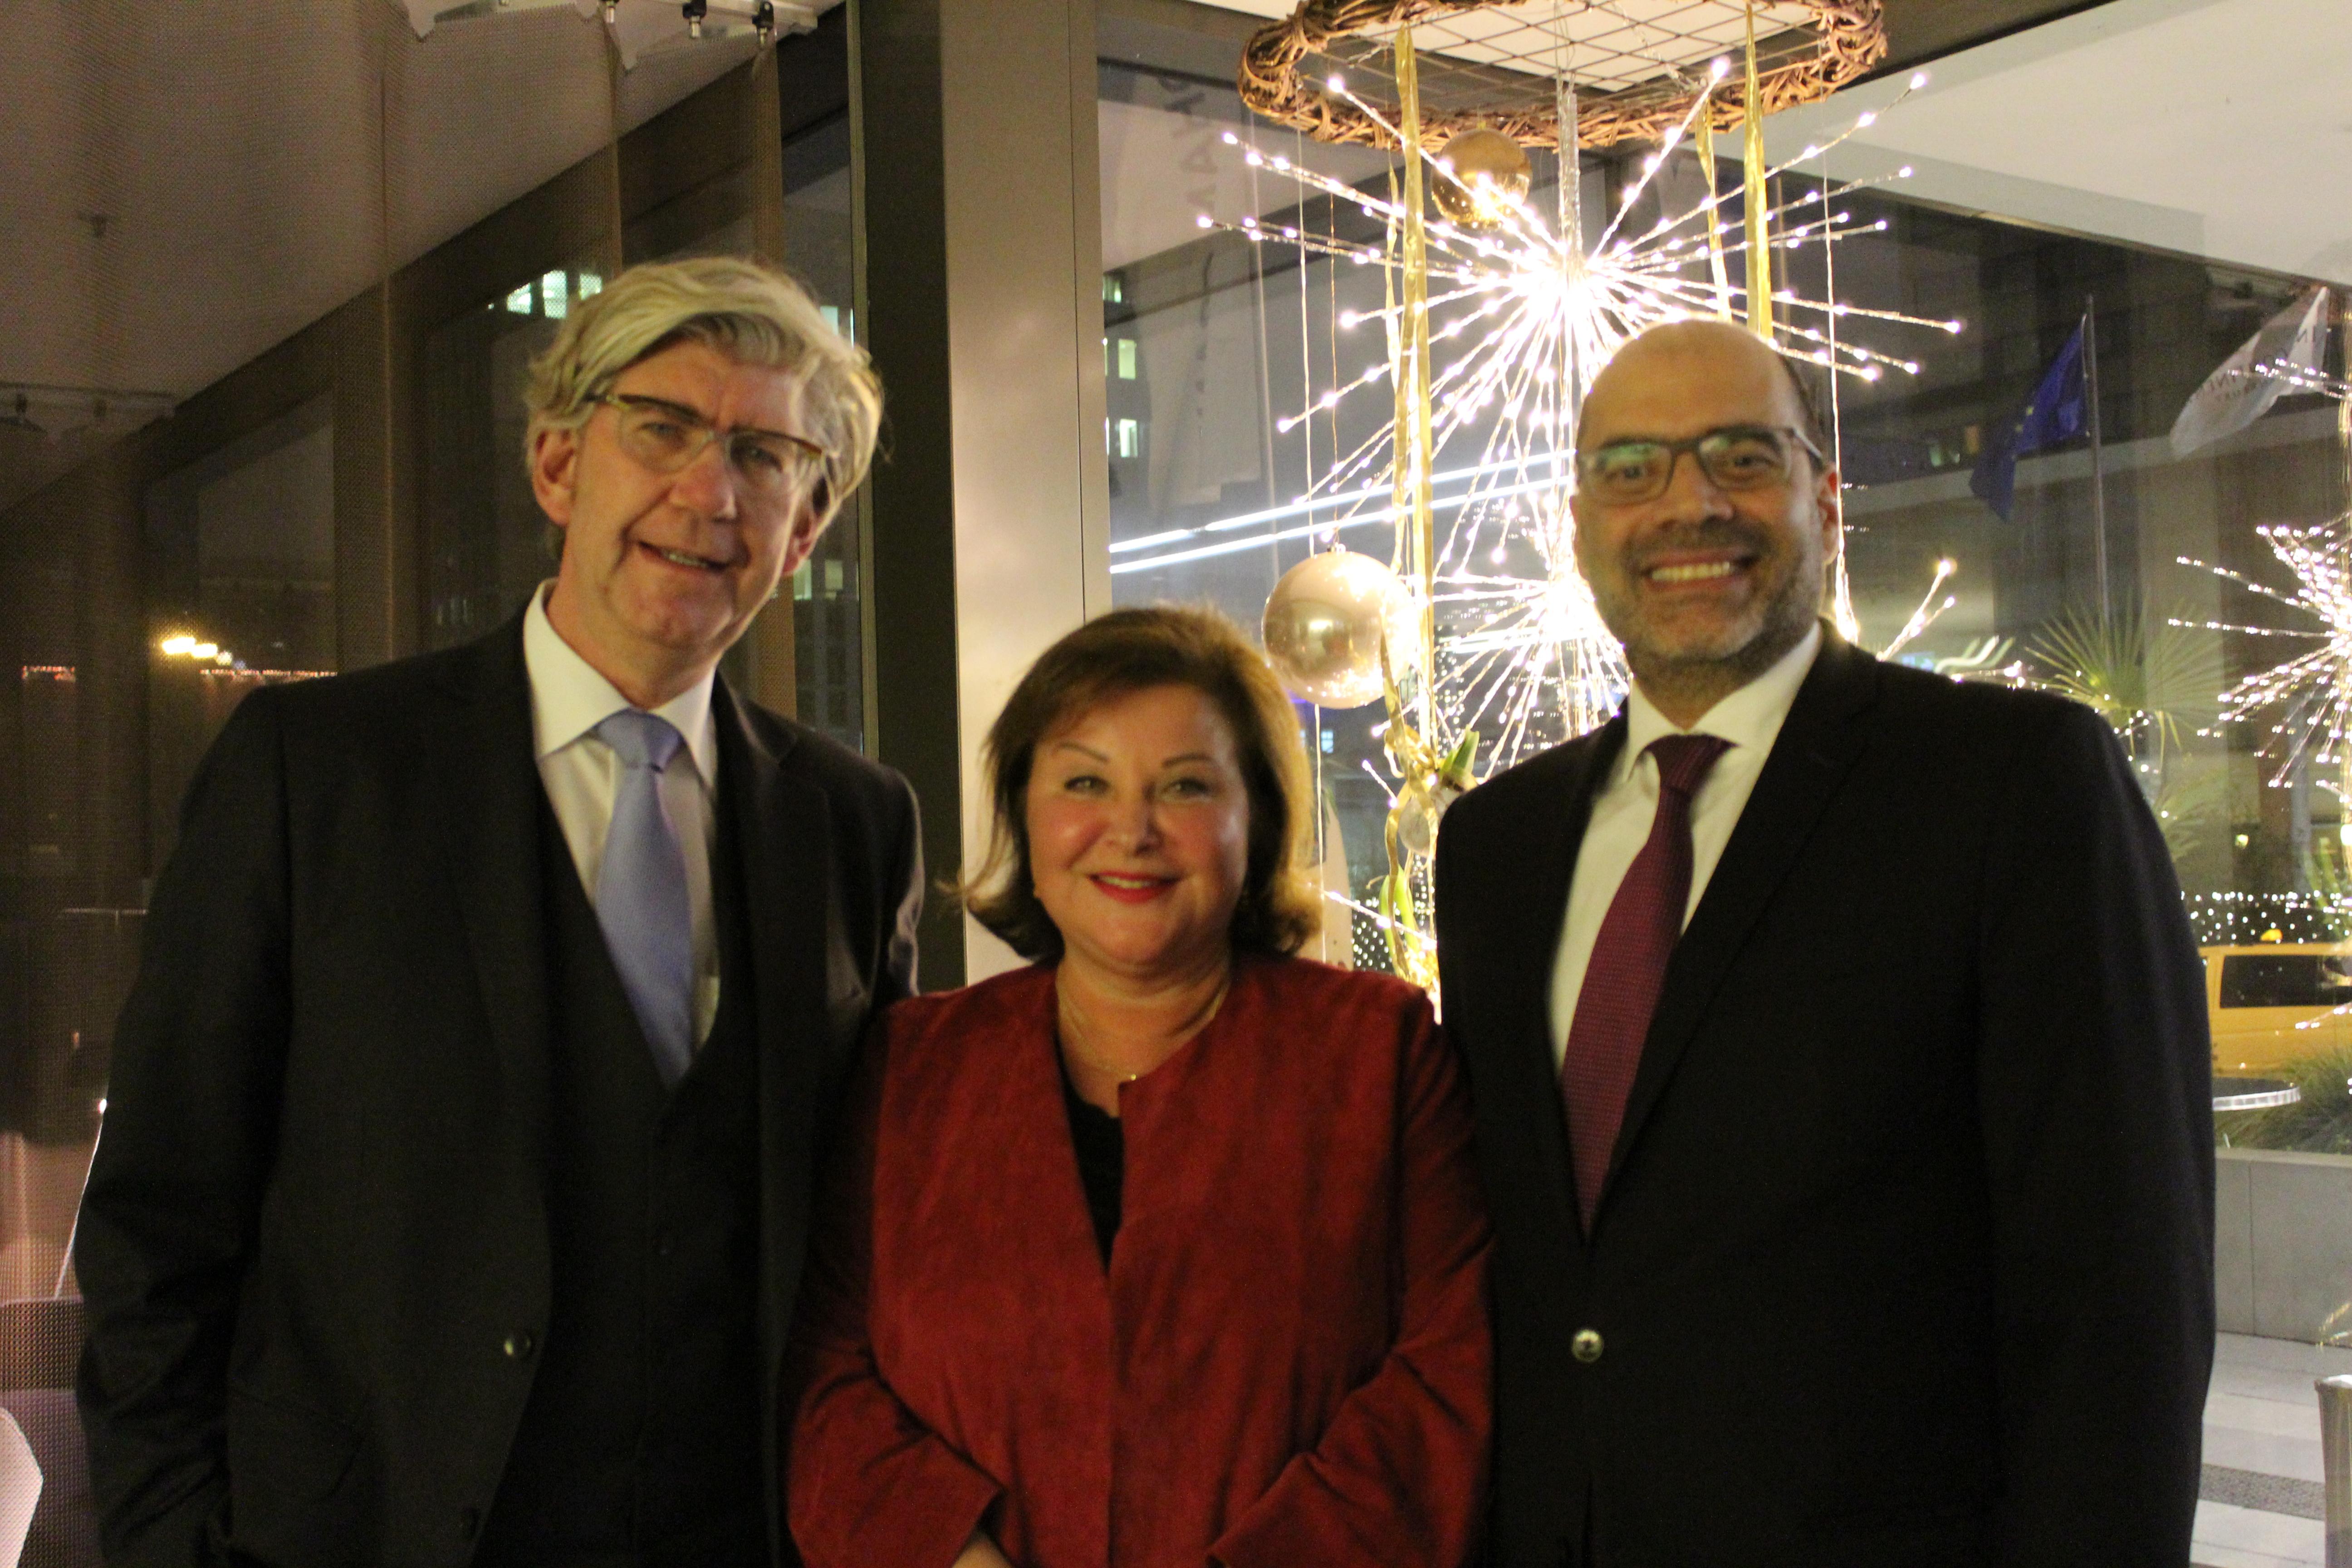 JNF-KKL Green Business Circle - Prof. Dr. Torsten Oltmanns, Sarah Singer und Dr. Dan Shaham, Generalkonsul des Staates Israel